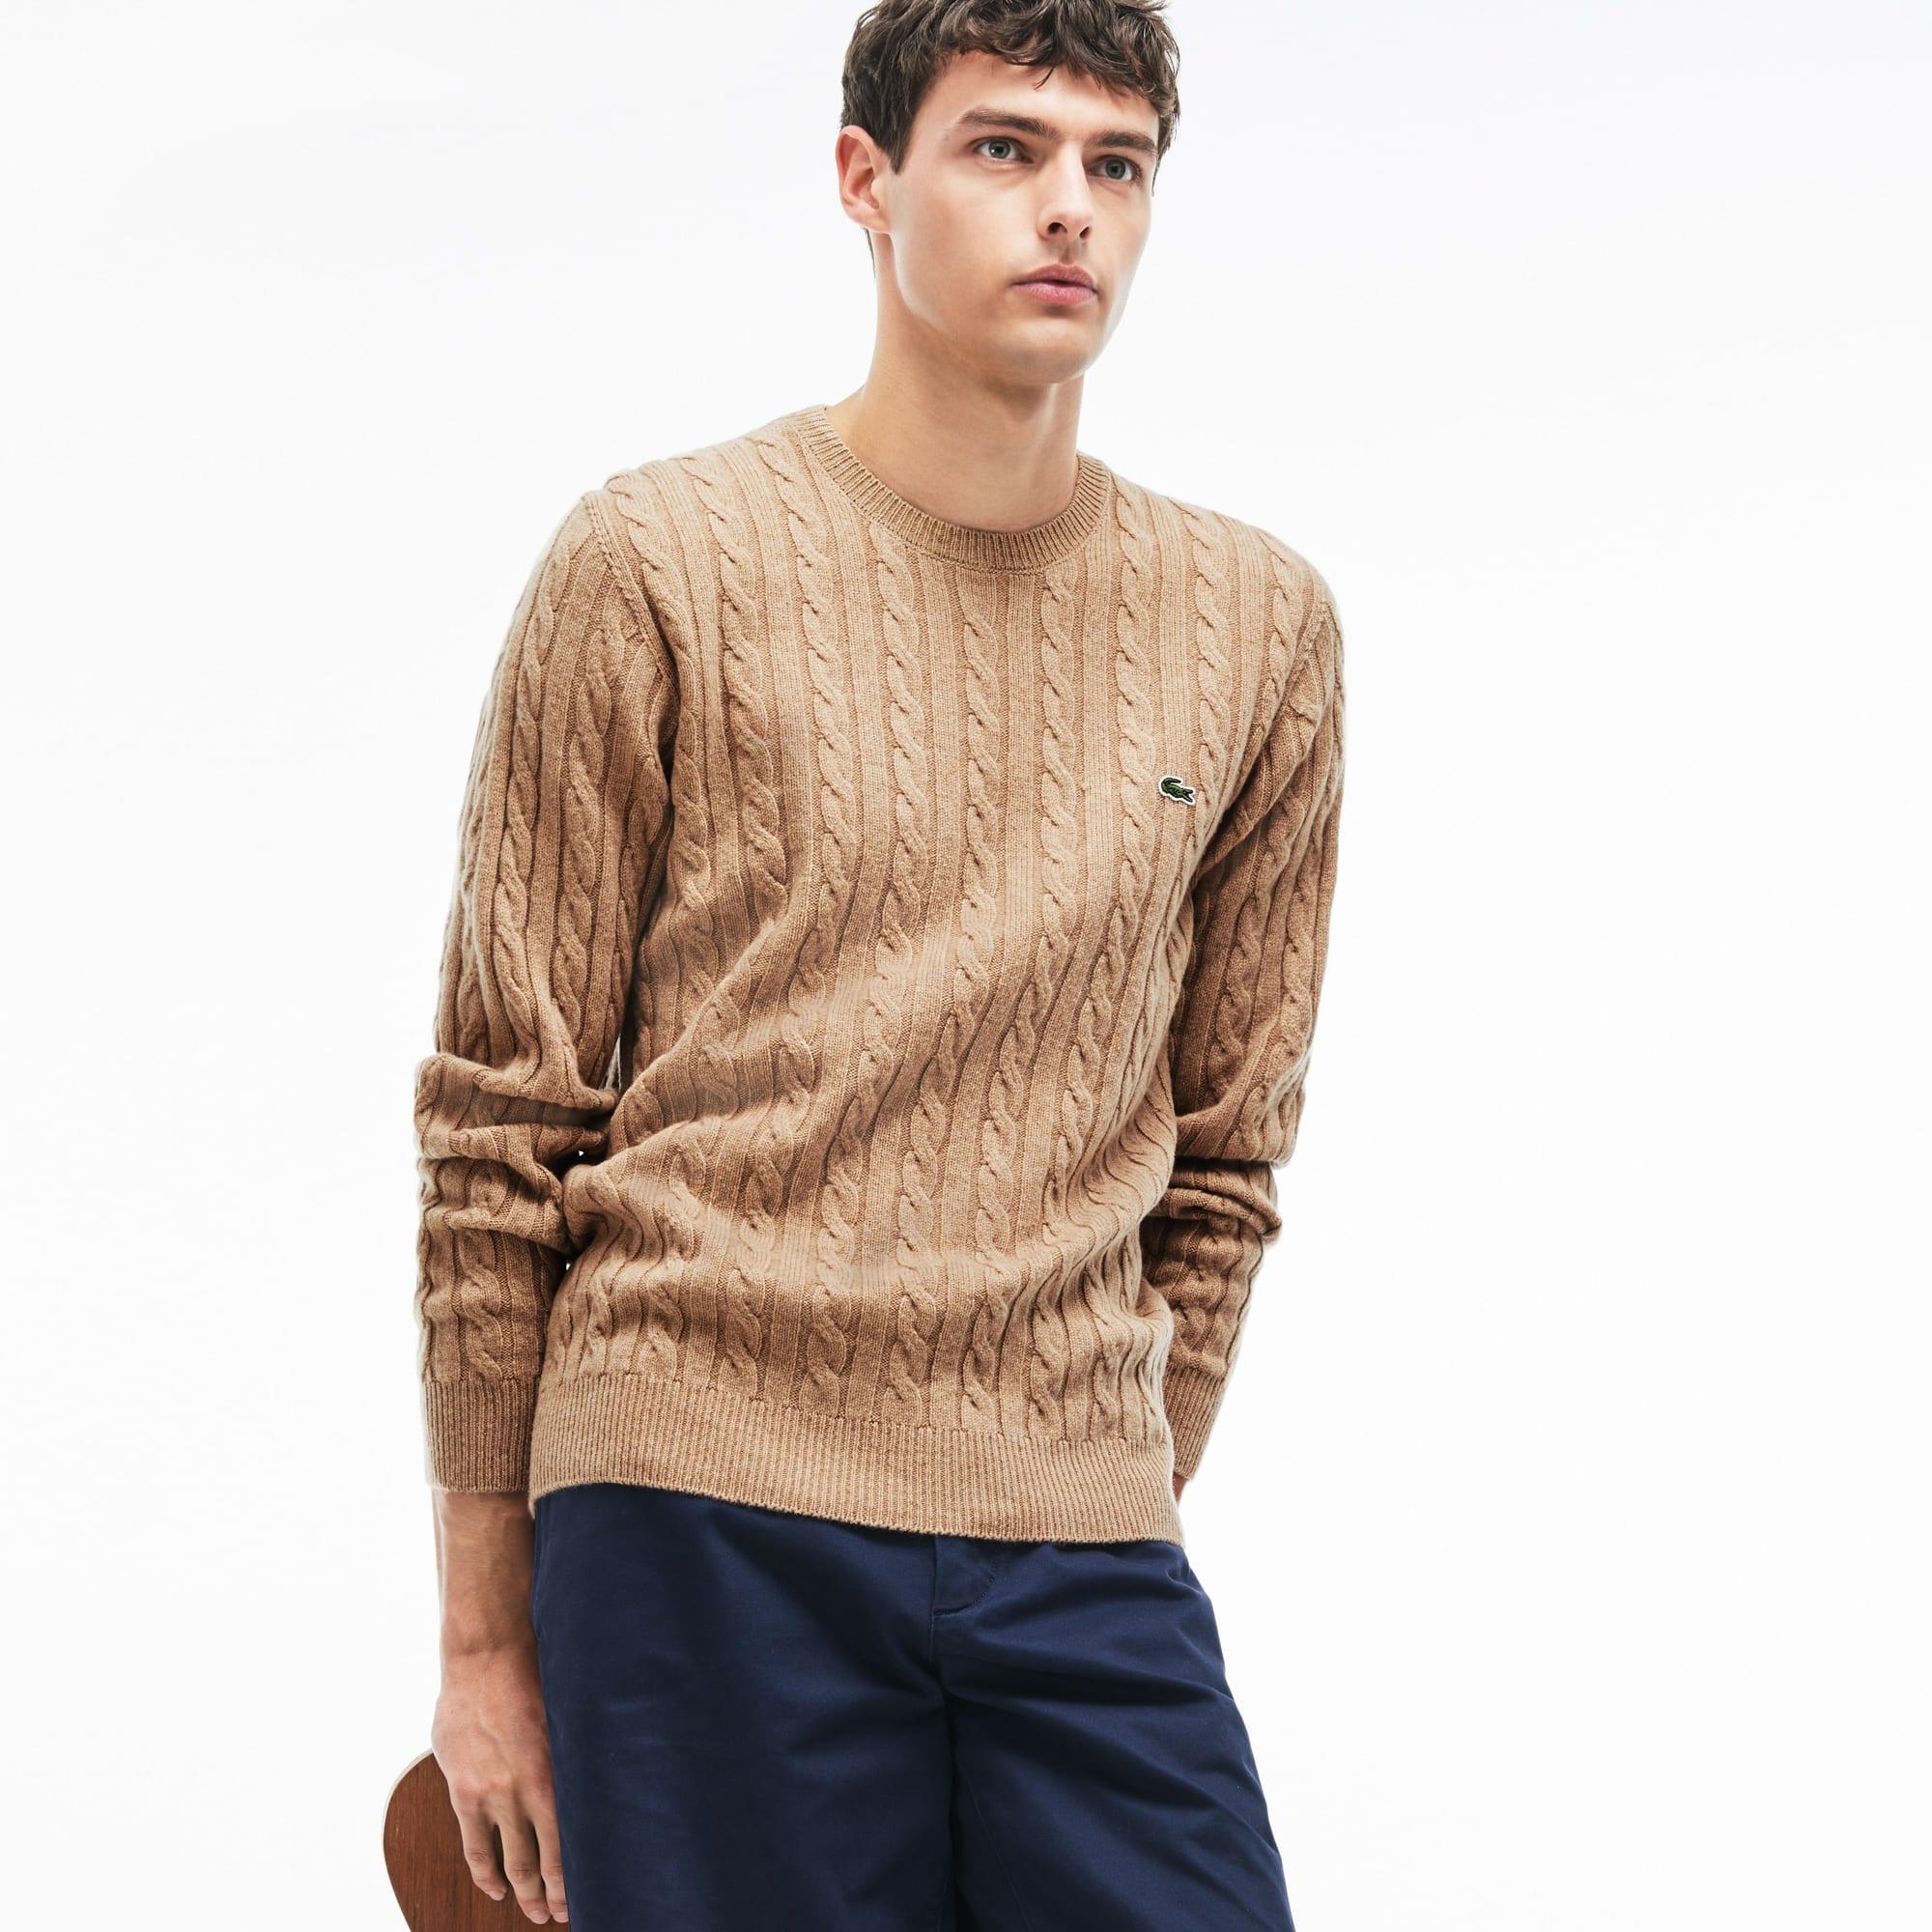 Camisola decote redondo em lã entrançada com efeito malha